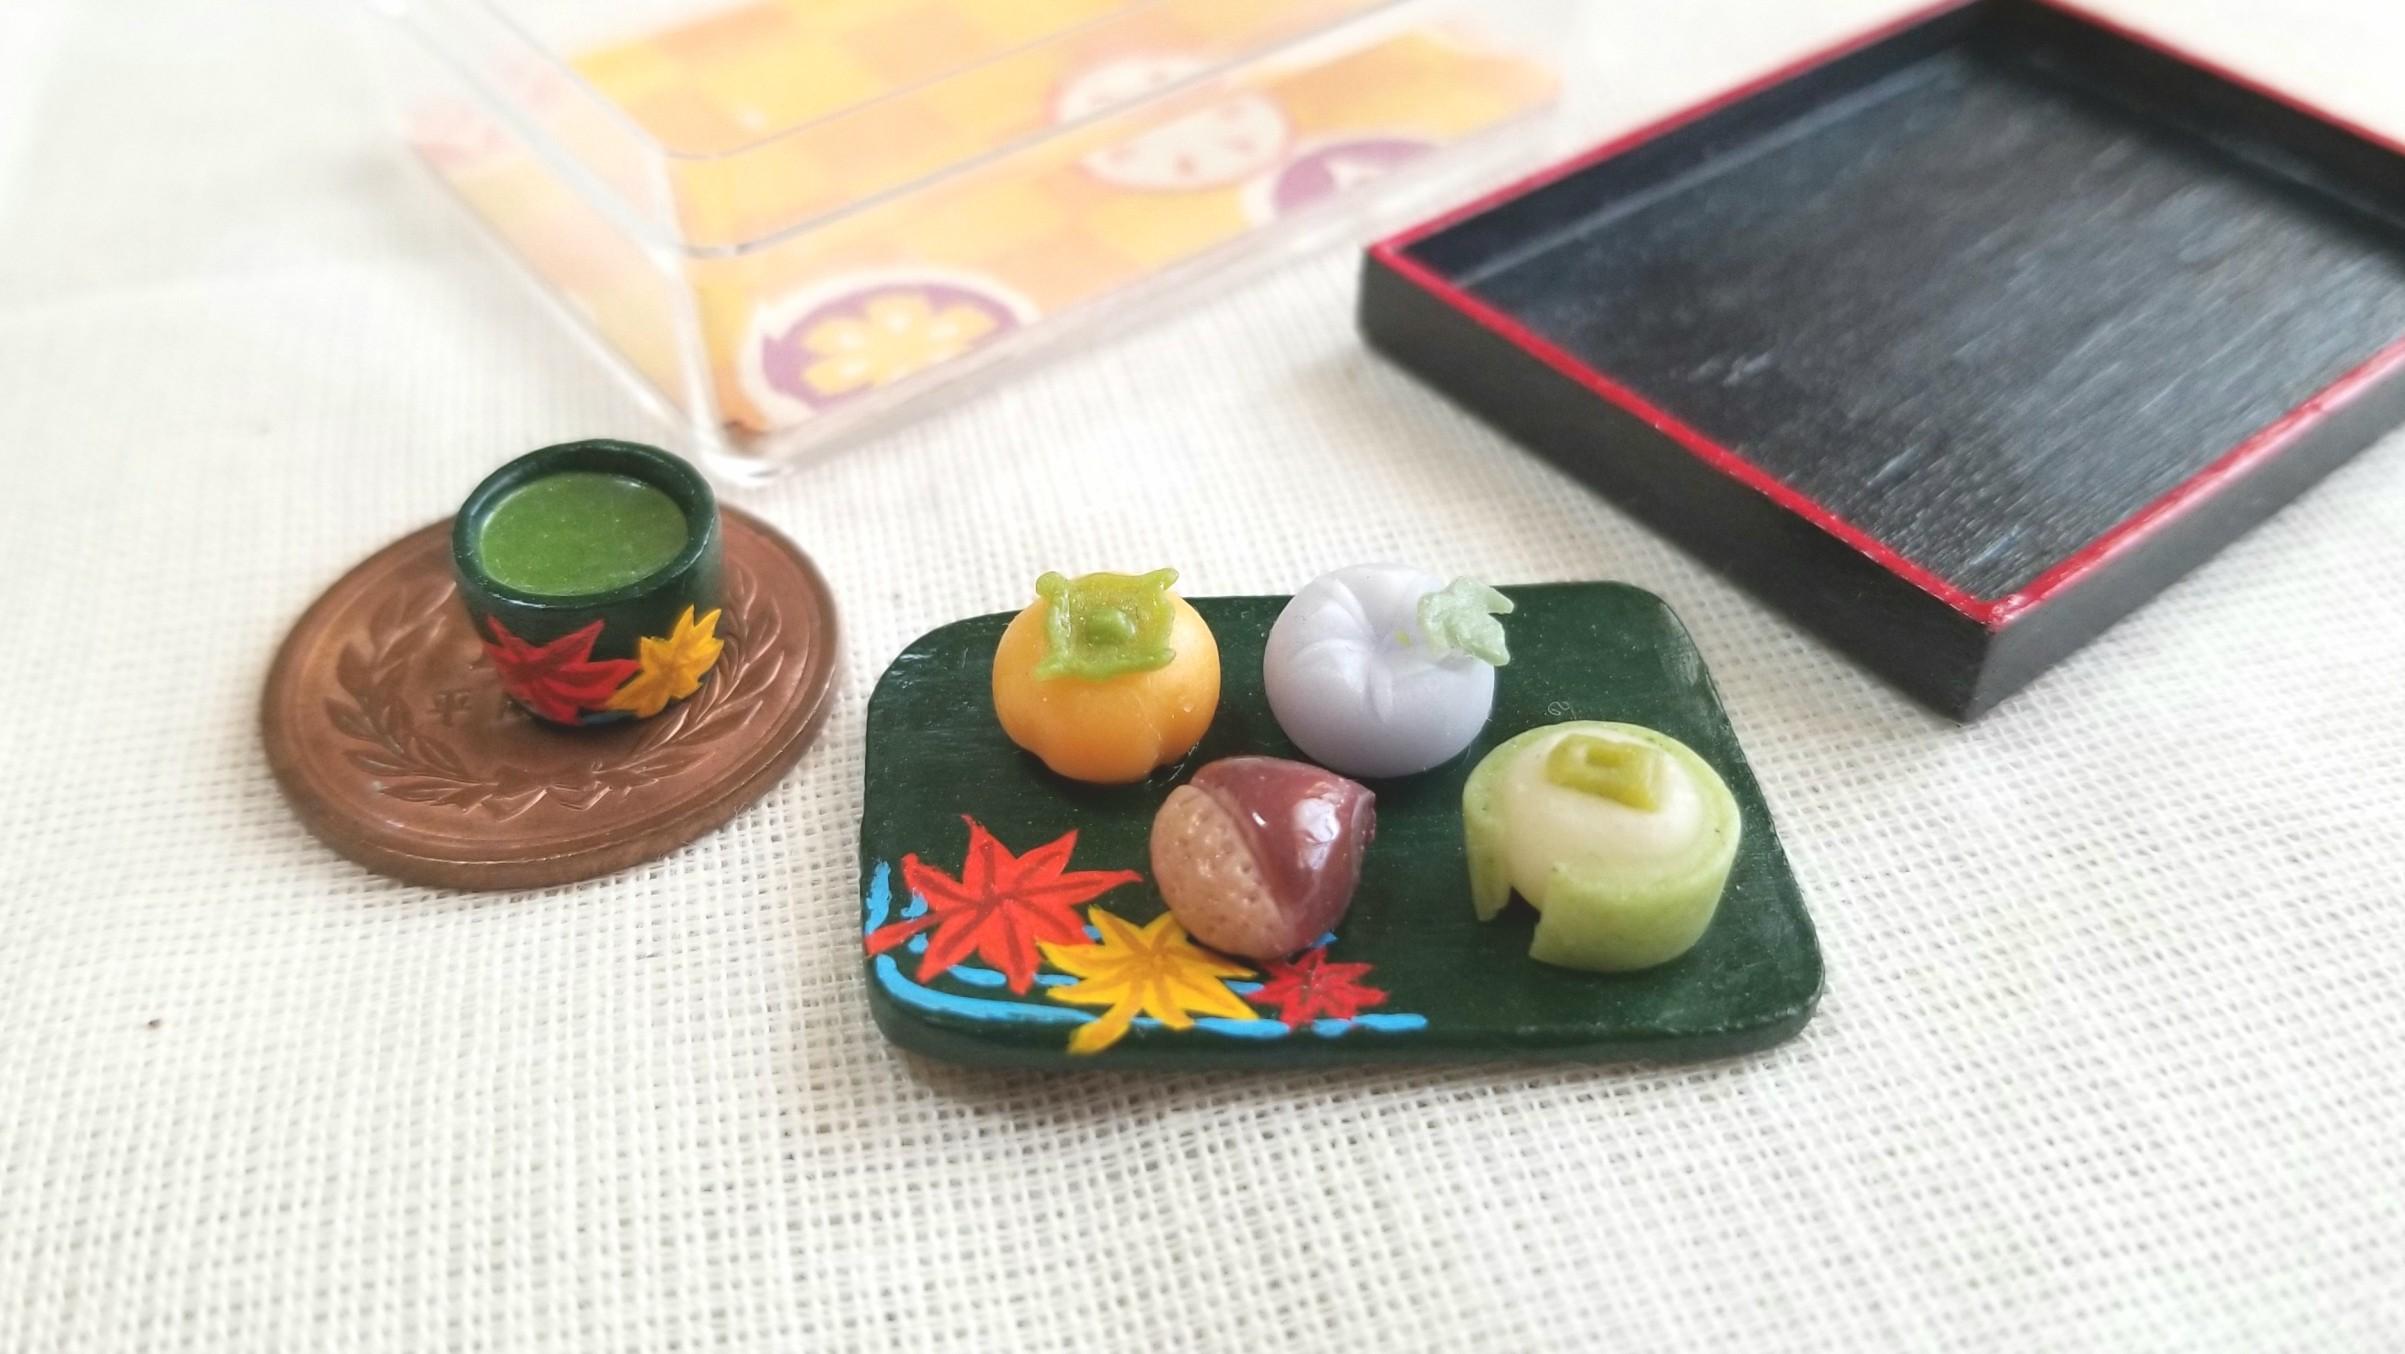 和菓子,柿,朝顔,栗饅頭,まんじゅう,綺麗,紅葉,小さい,美味しい,季節